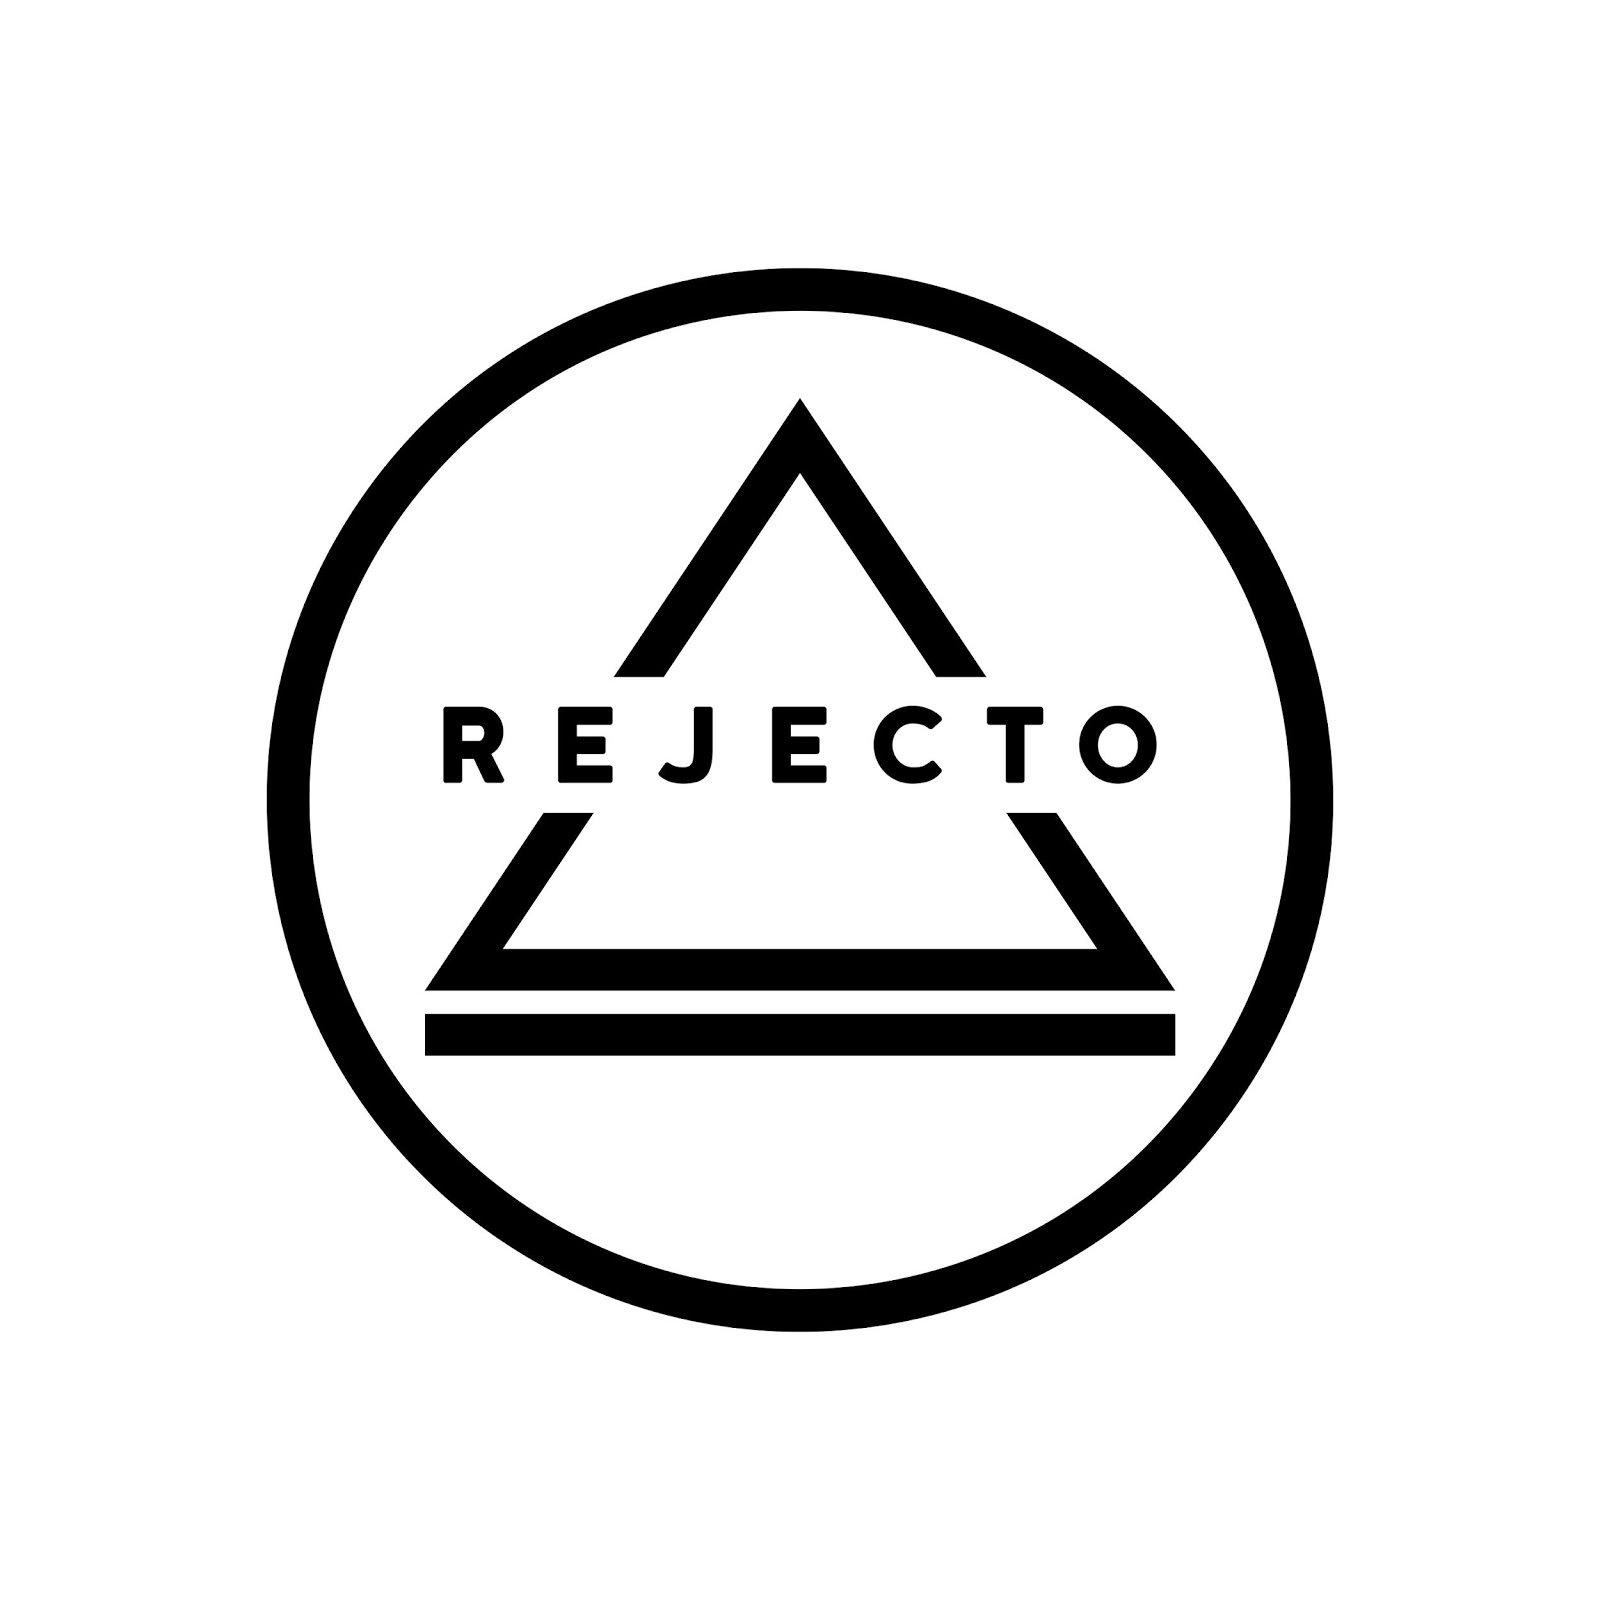 """Rejecto: """"Lezioni di economia"""" il nuovo capitolo del progetto discografico dell'artista senza volto"""